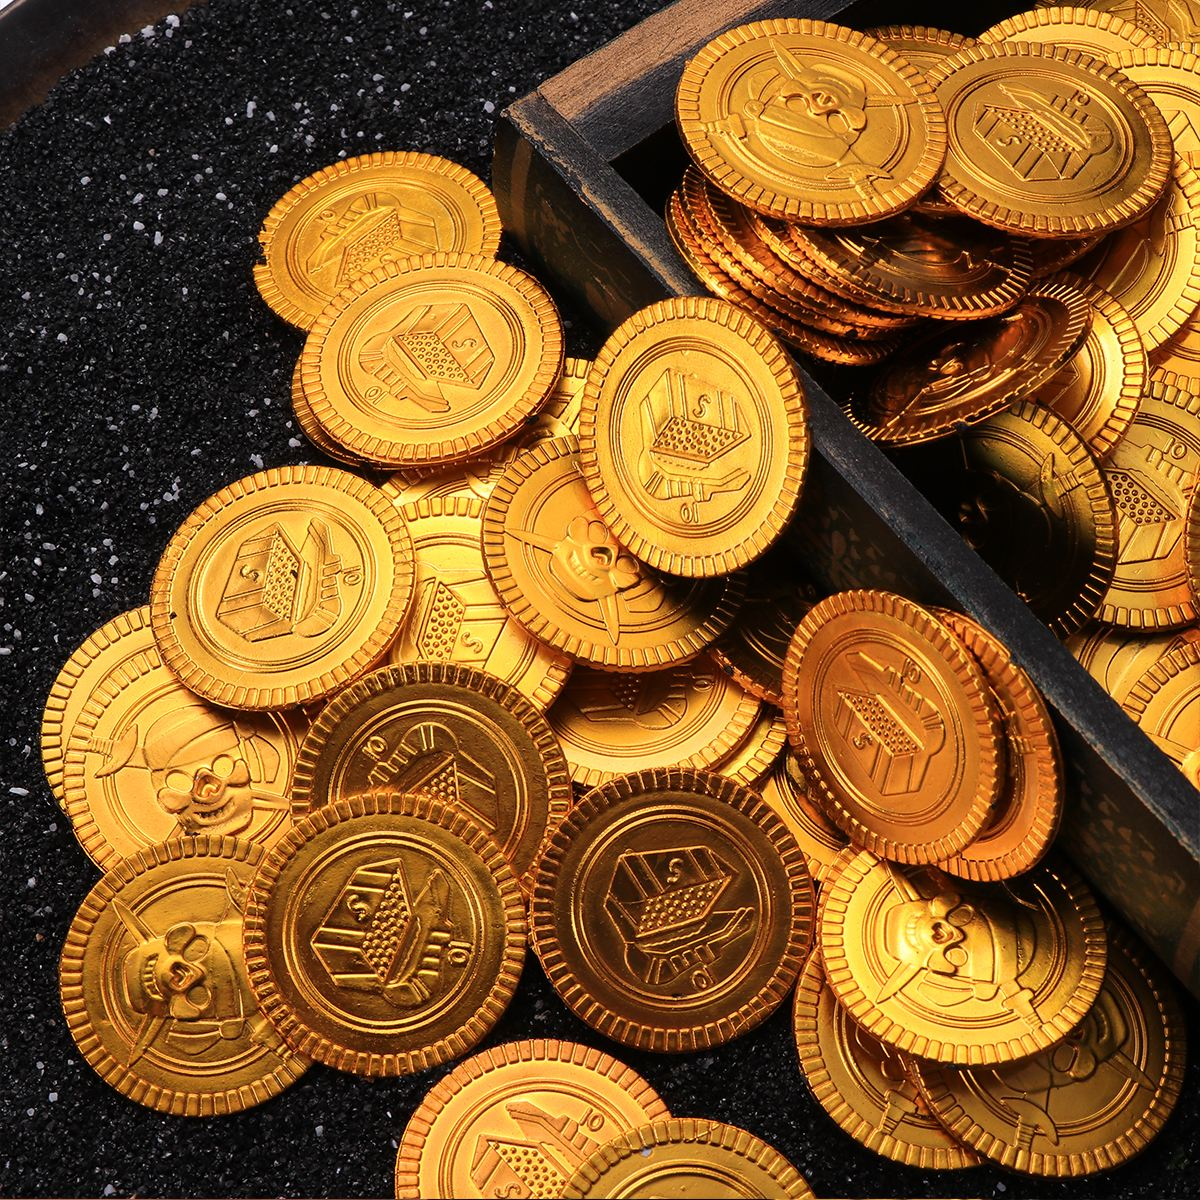 Yeahibaby 100PCS Gold Münzen Kunststoff Glänzende Vintage Gefälschte Schatz Spielset Spielzeug für Pirate Party Spiel